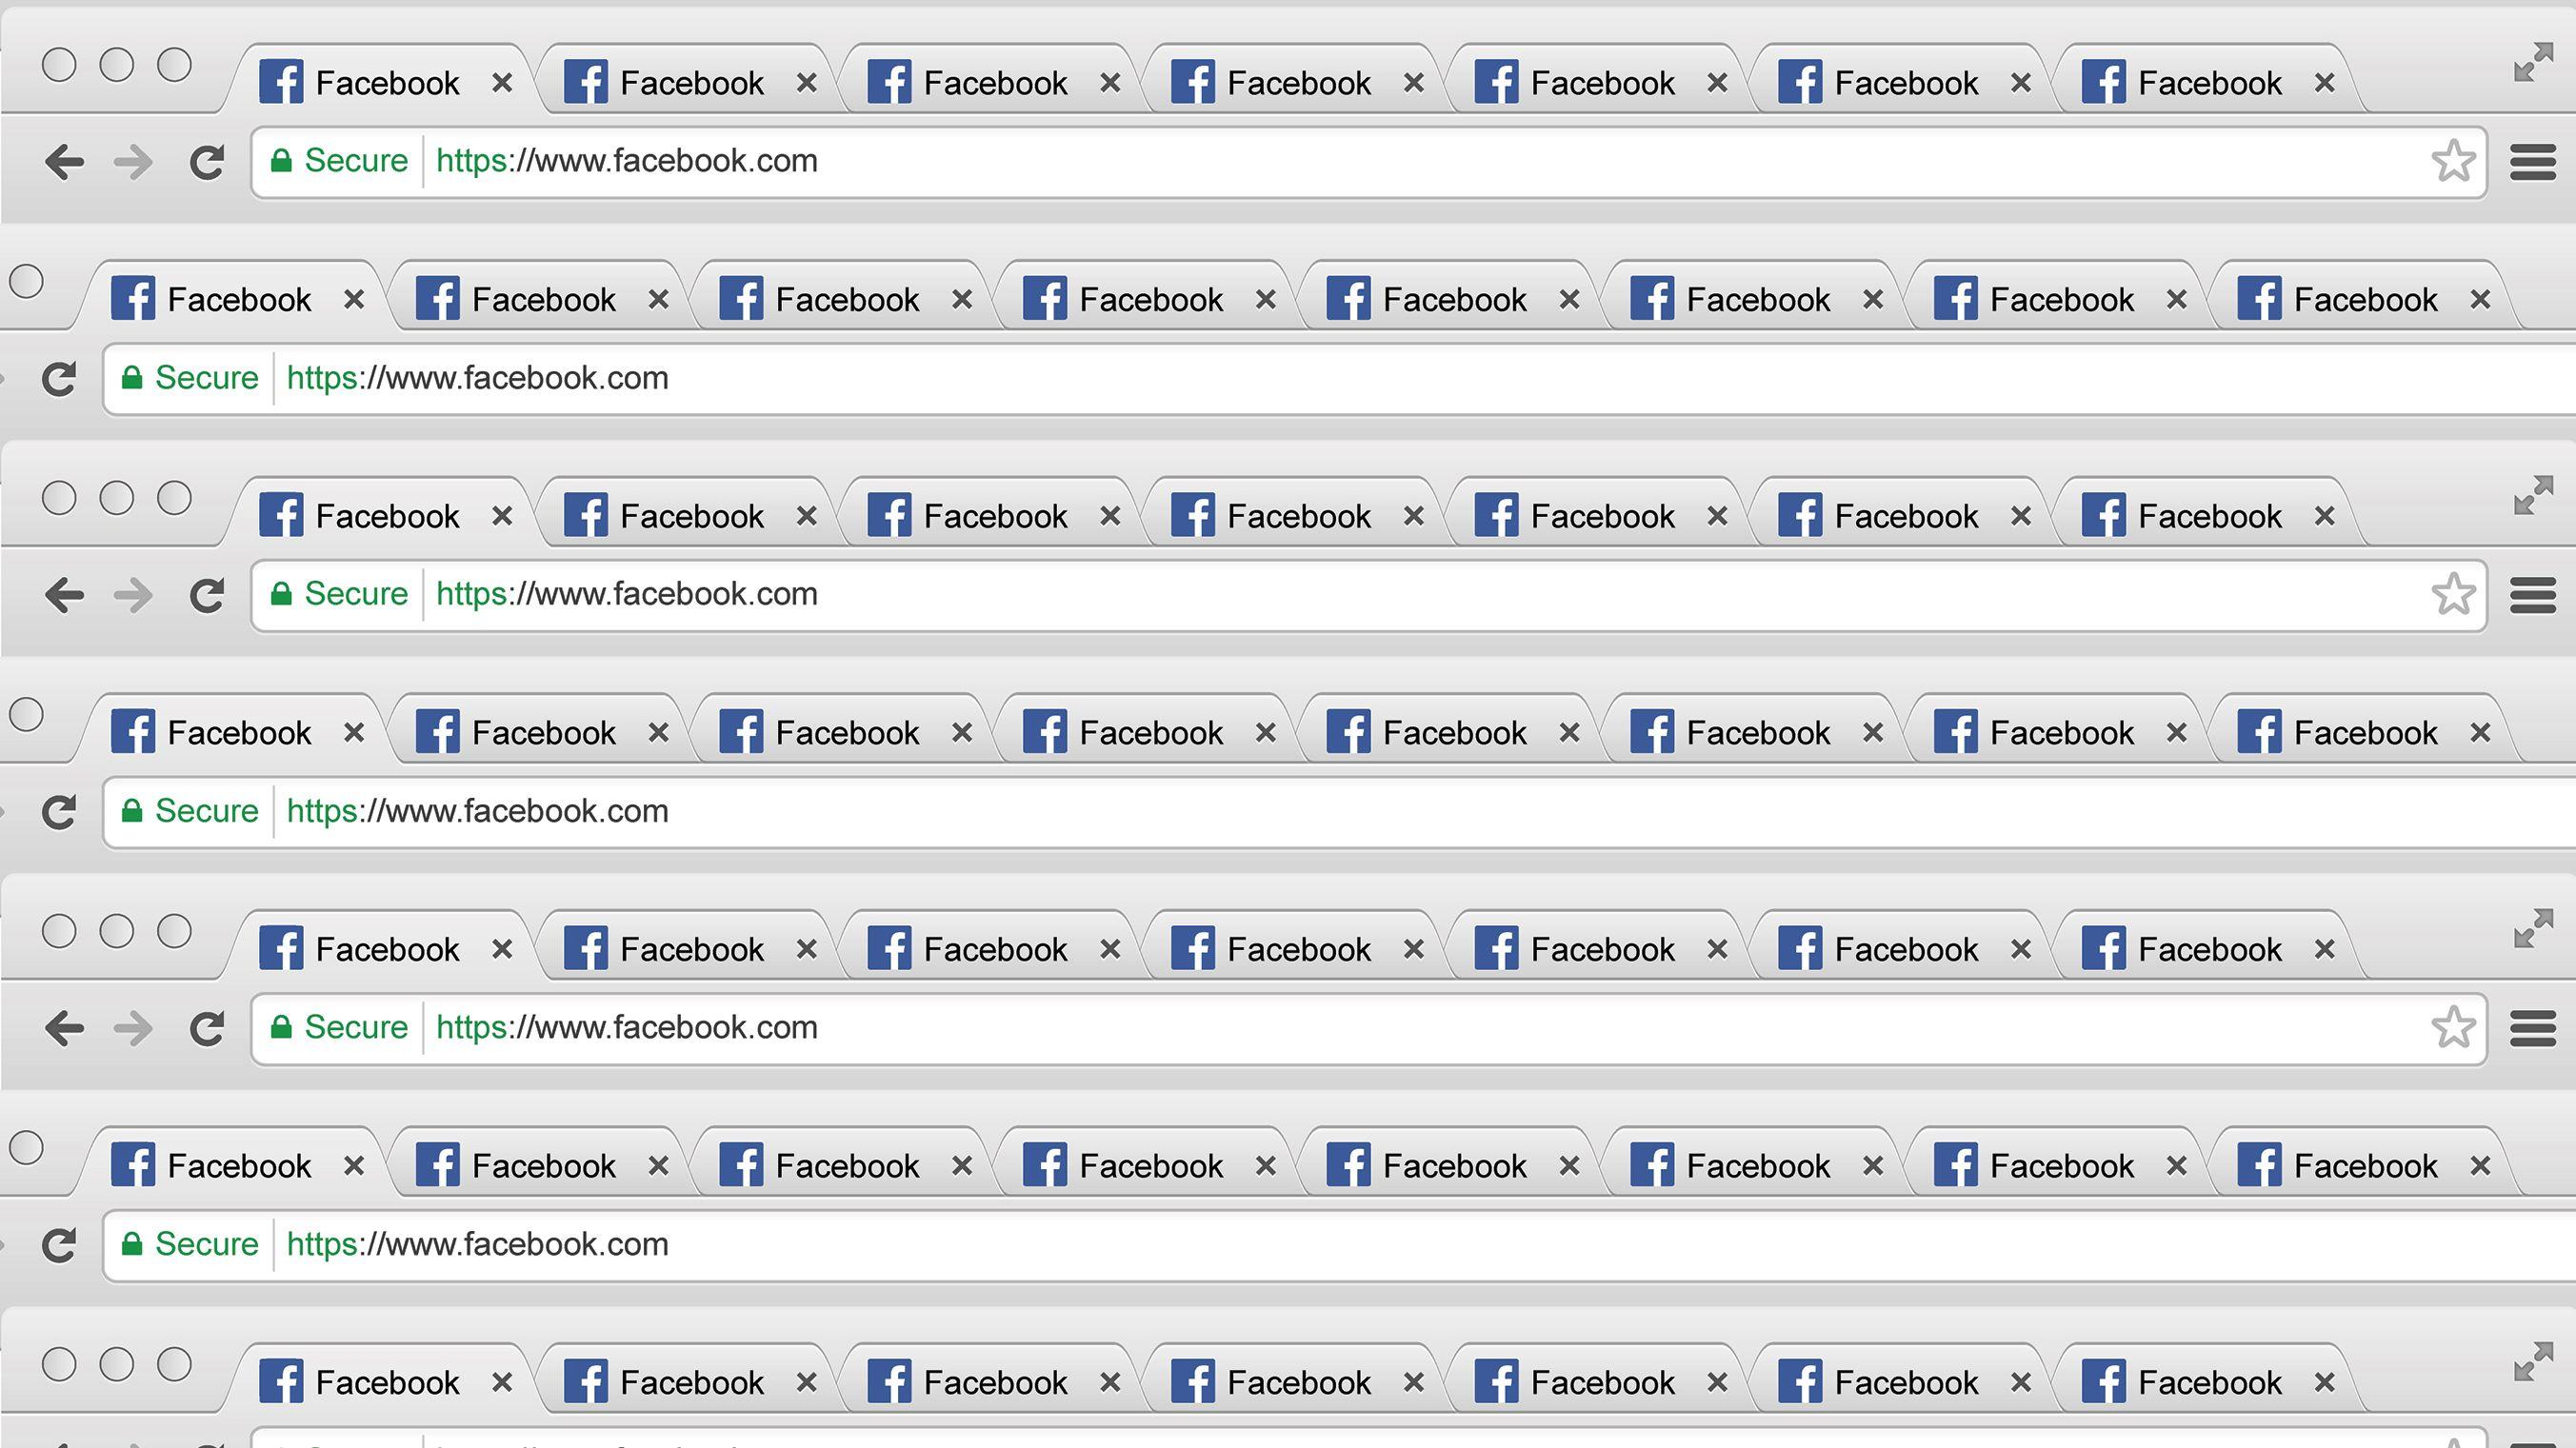 フェイスブックの 一人勝ちを許すな